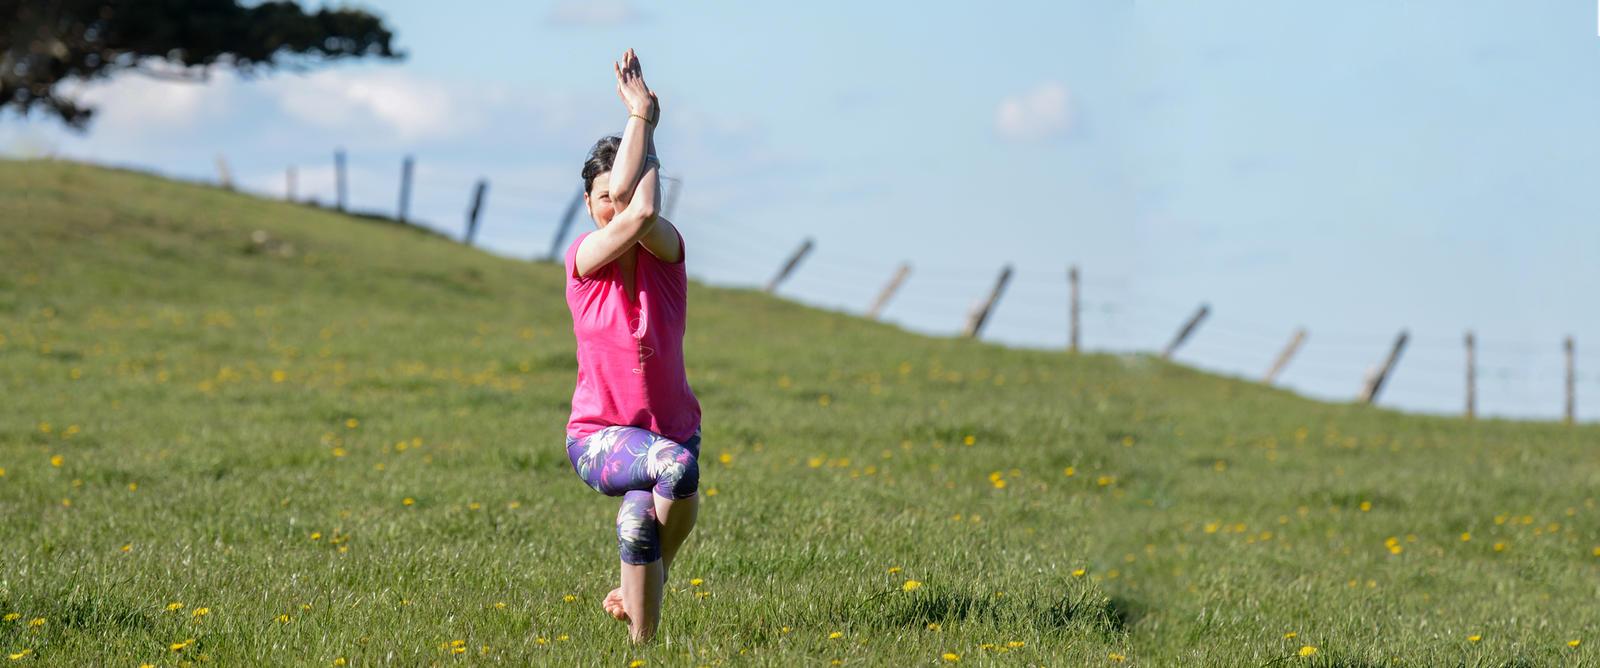 posture-viva-yoga-slider3-v2